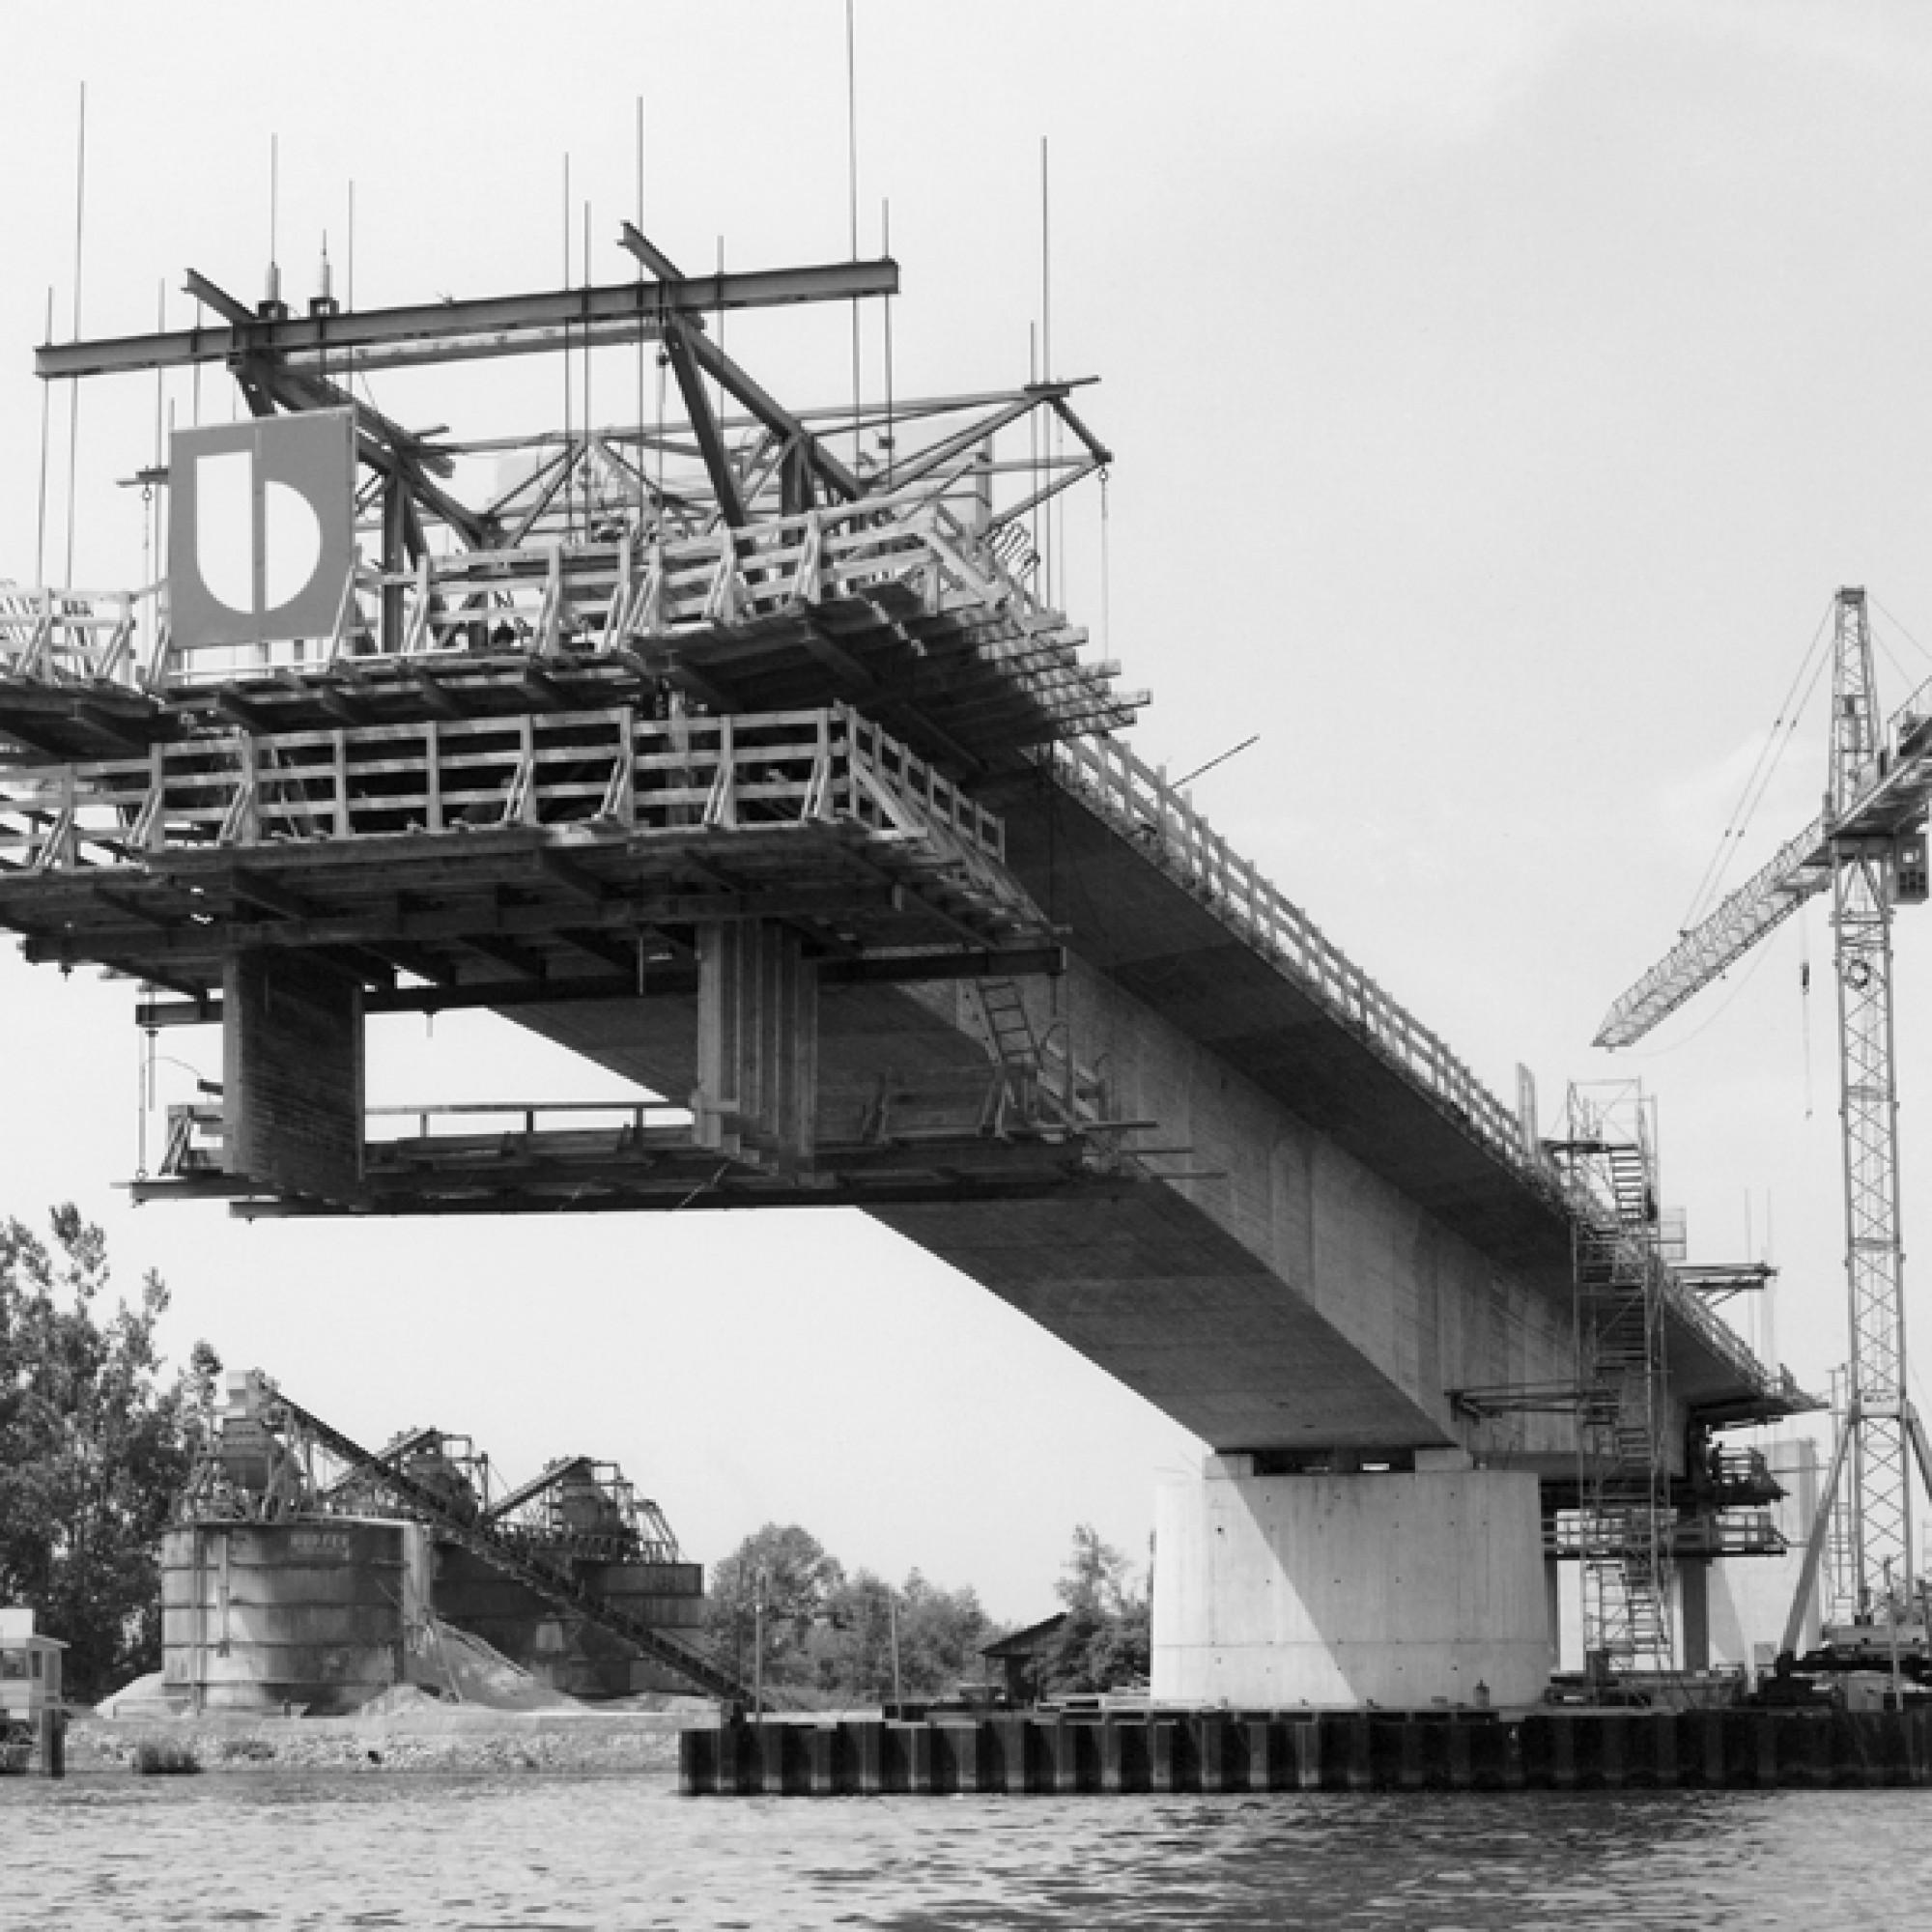 Freivorbau bei der Rheinbrücke am Palmenrain. (Reportagedienst Schöttle, Mannheim-Feudenheim / PD)